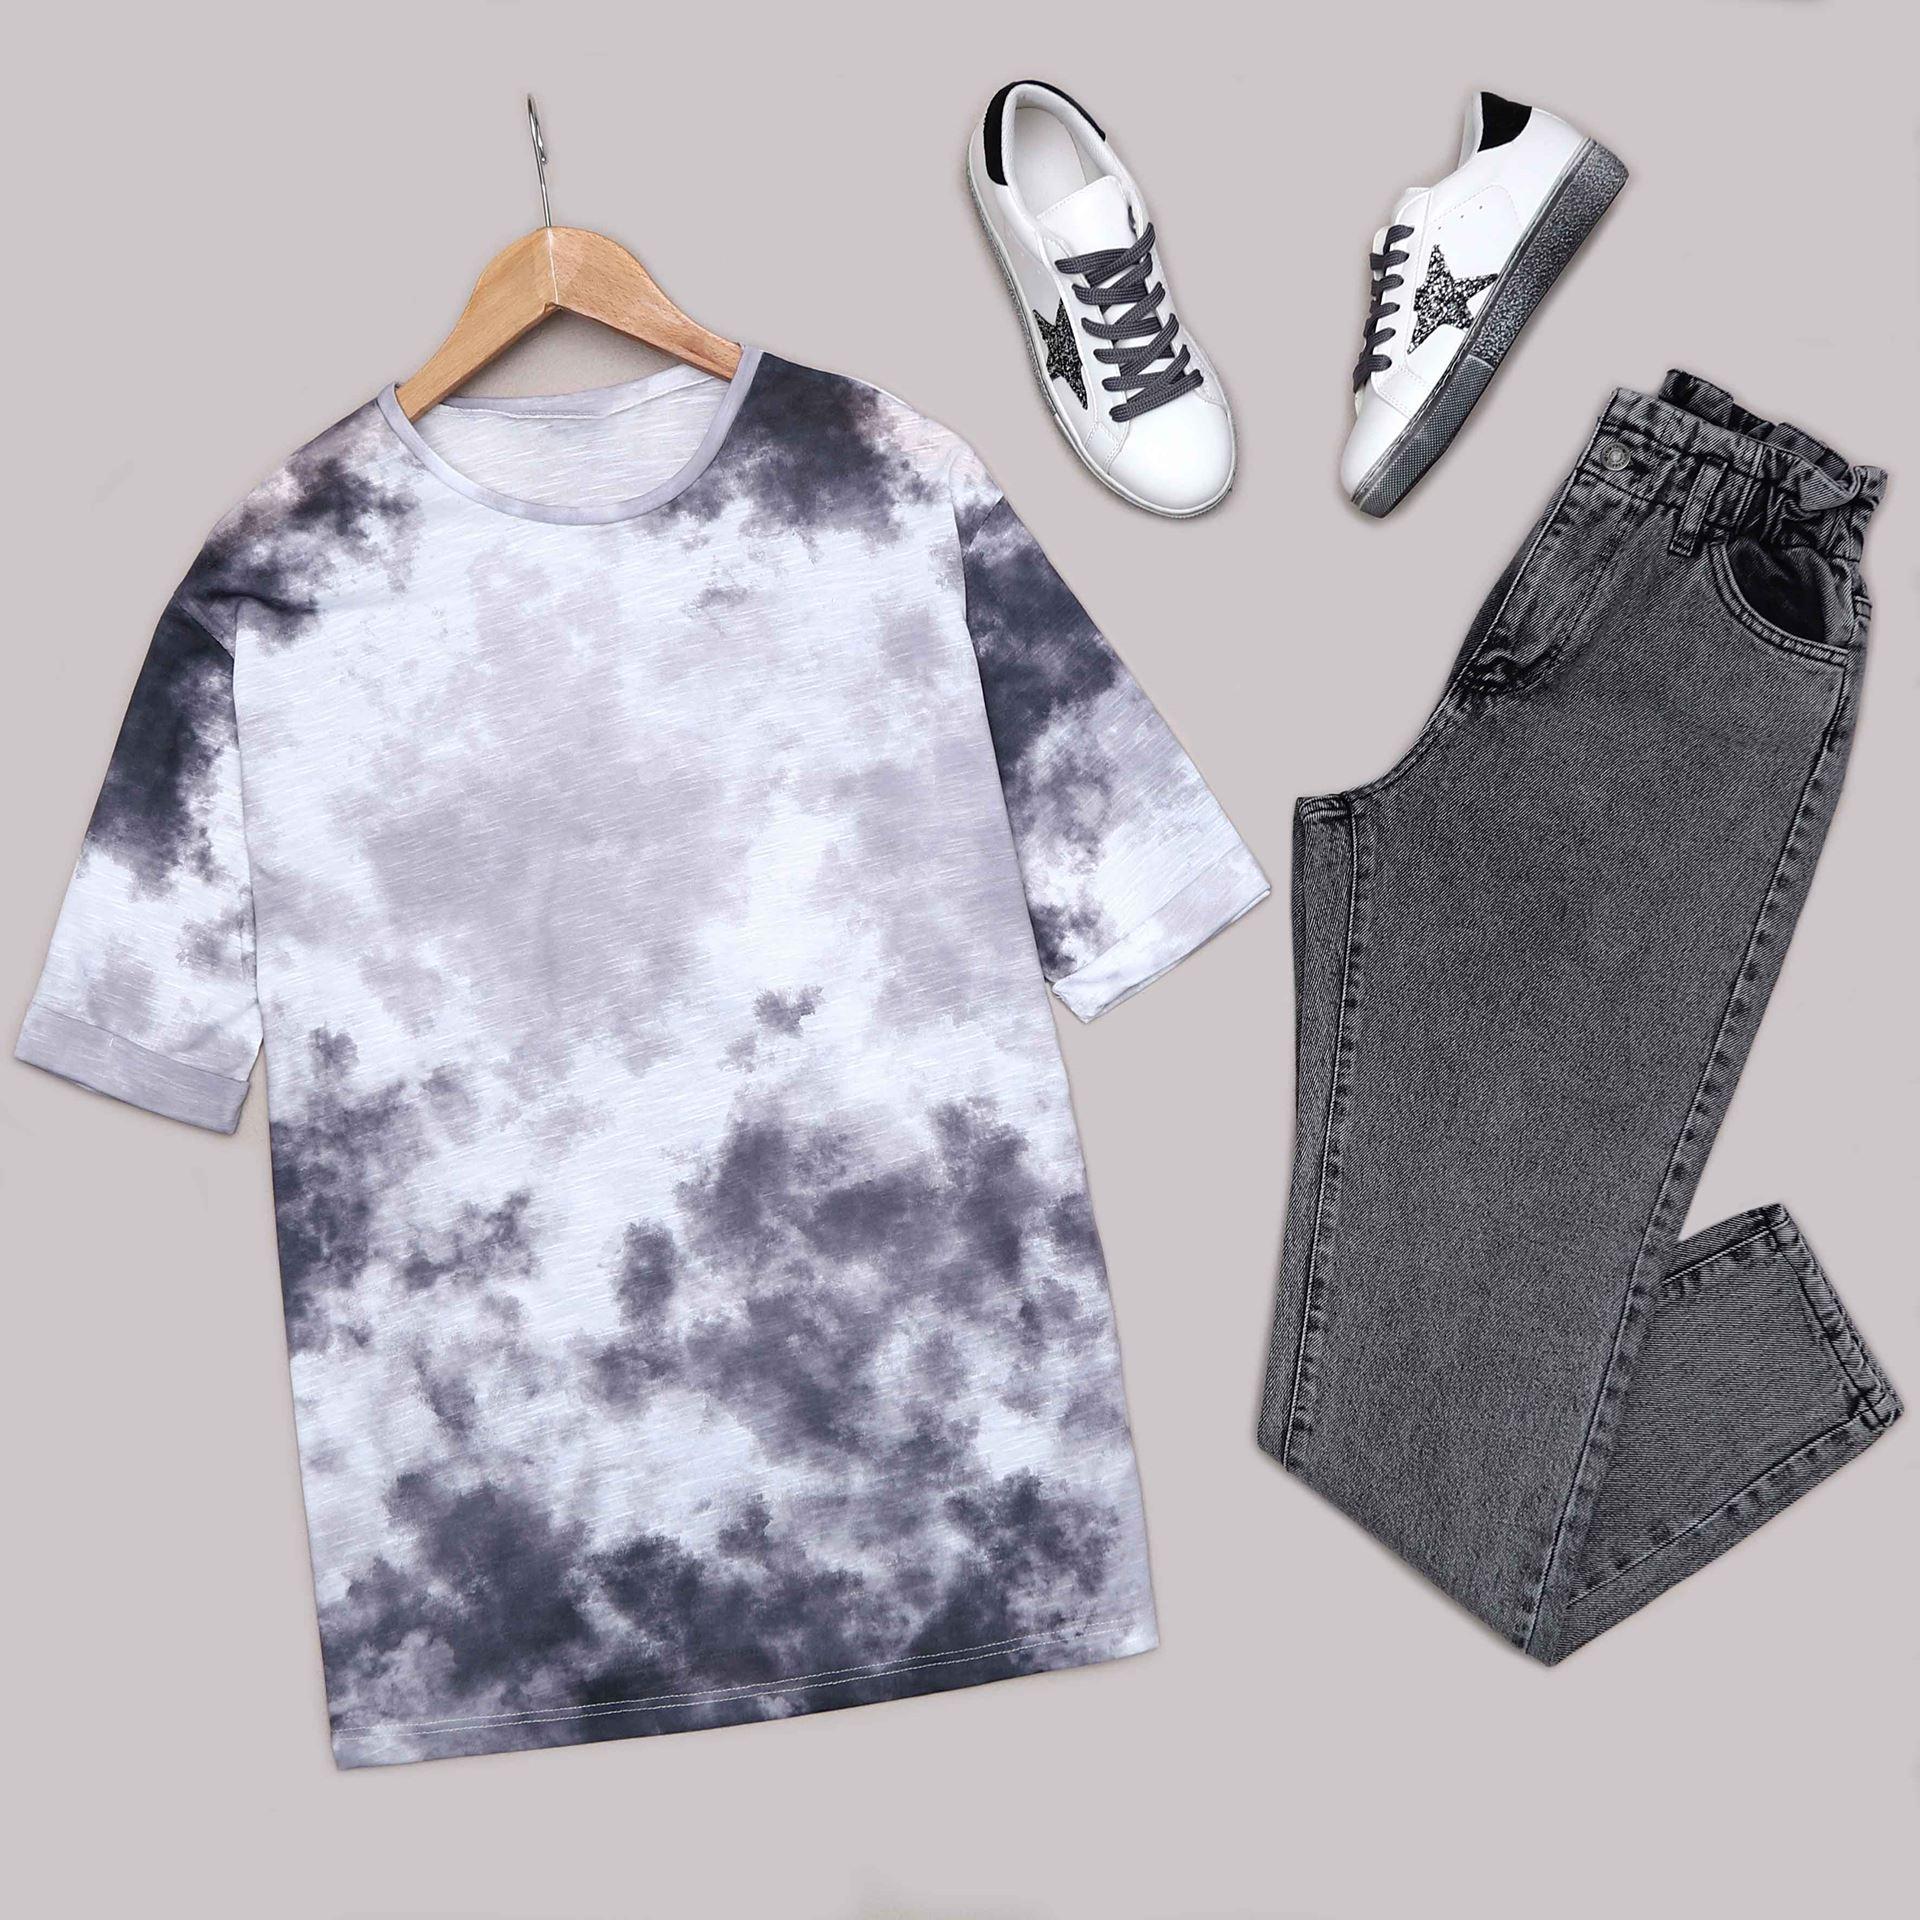 Füme Batik T-Shirt TSH198